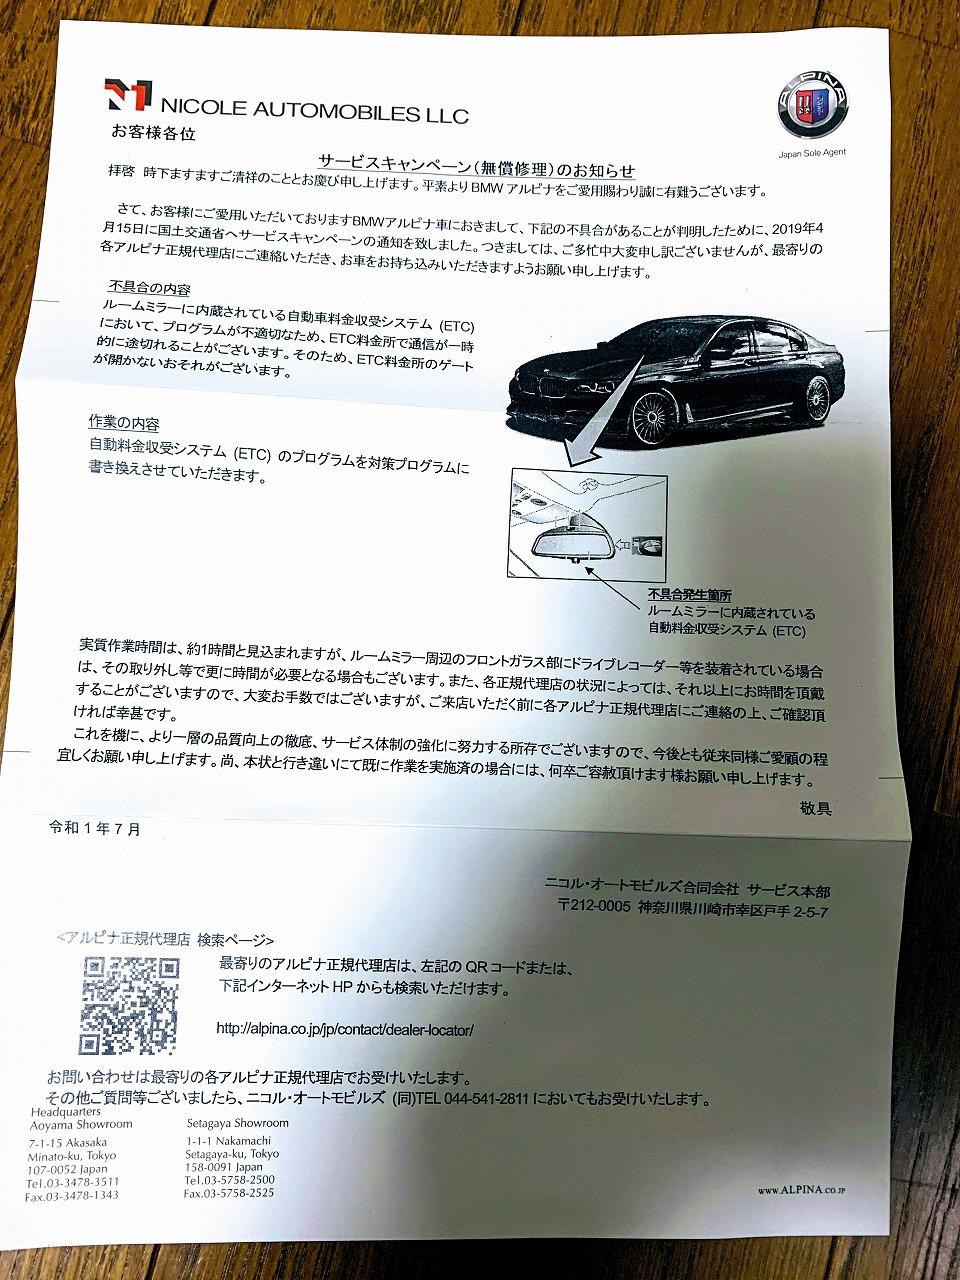 BMW ALPINA D4にETCルームミラーのサービスキャンペーン(無償修理)【ETCゲートが開かないおそれあり】のお知らせDMが届きました^^;